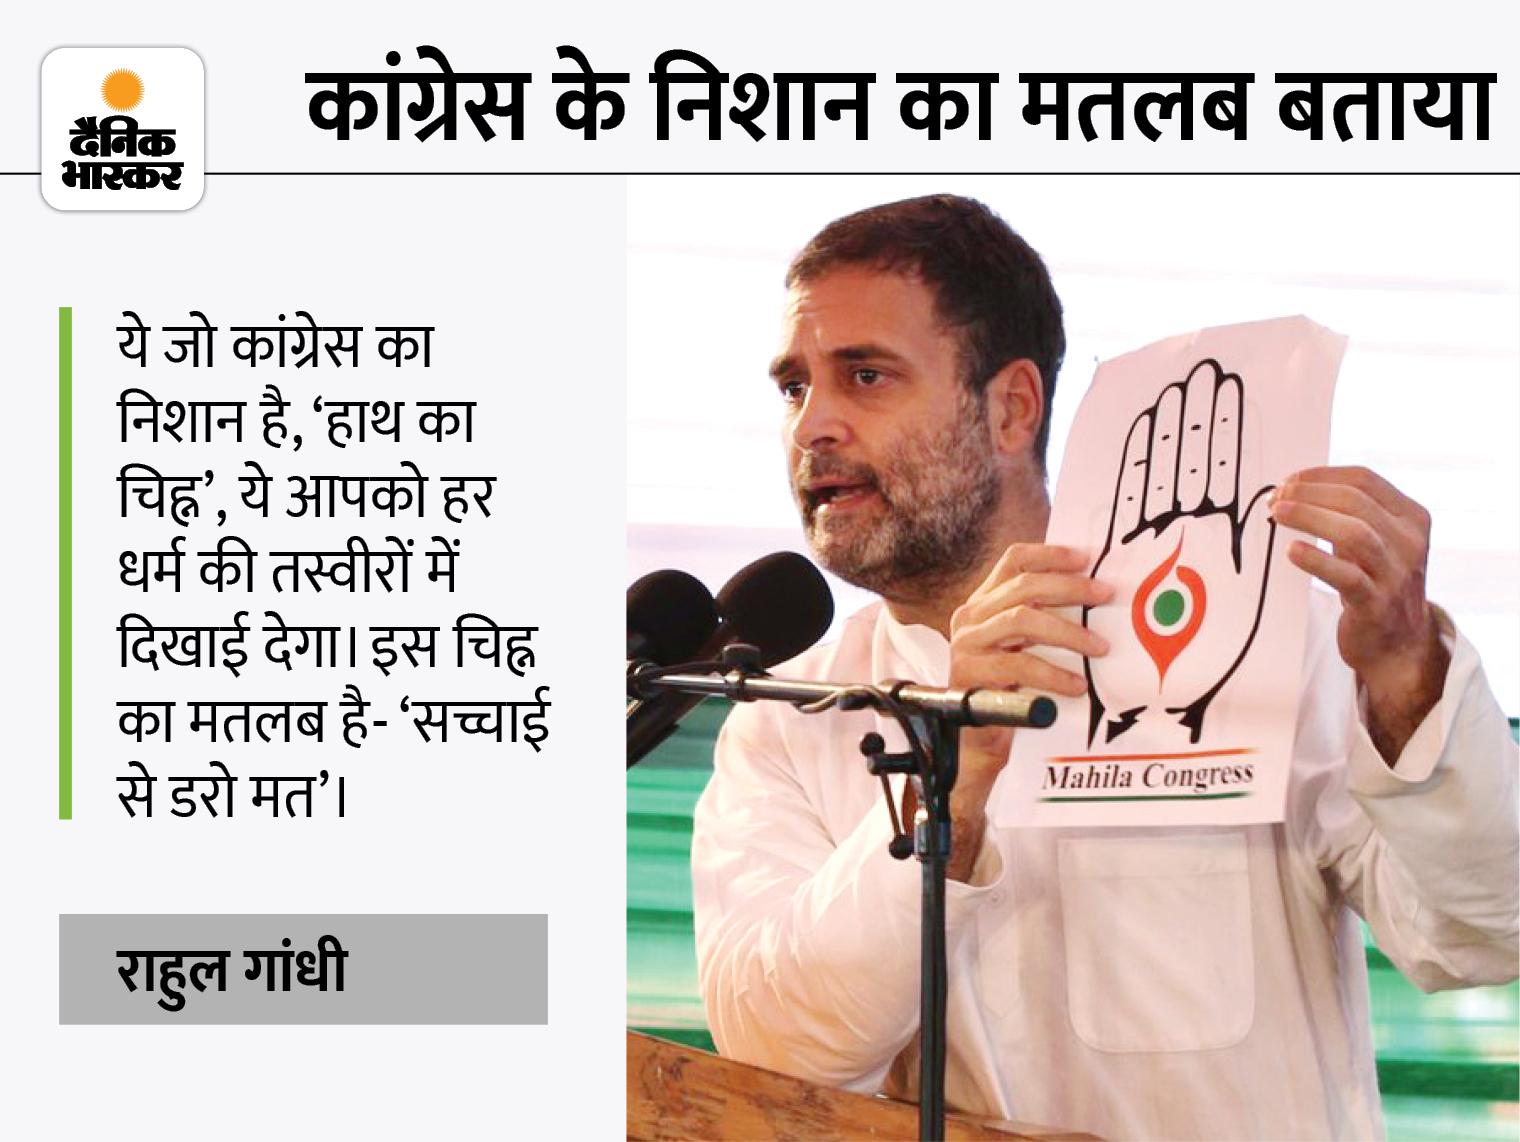 कांग्रेस सांसद ने कहा- भाजपा वाले झूठे हिन्दू हैं, ये धर्म की दलाली करते हैं; हमारा हाथ किसी से नहीं डरता देश,National - Dainik Bhaskar